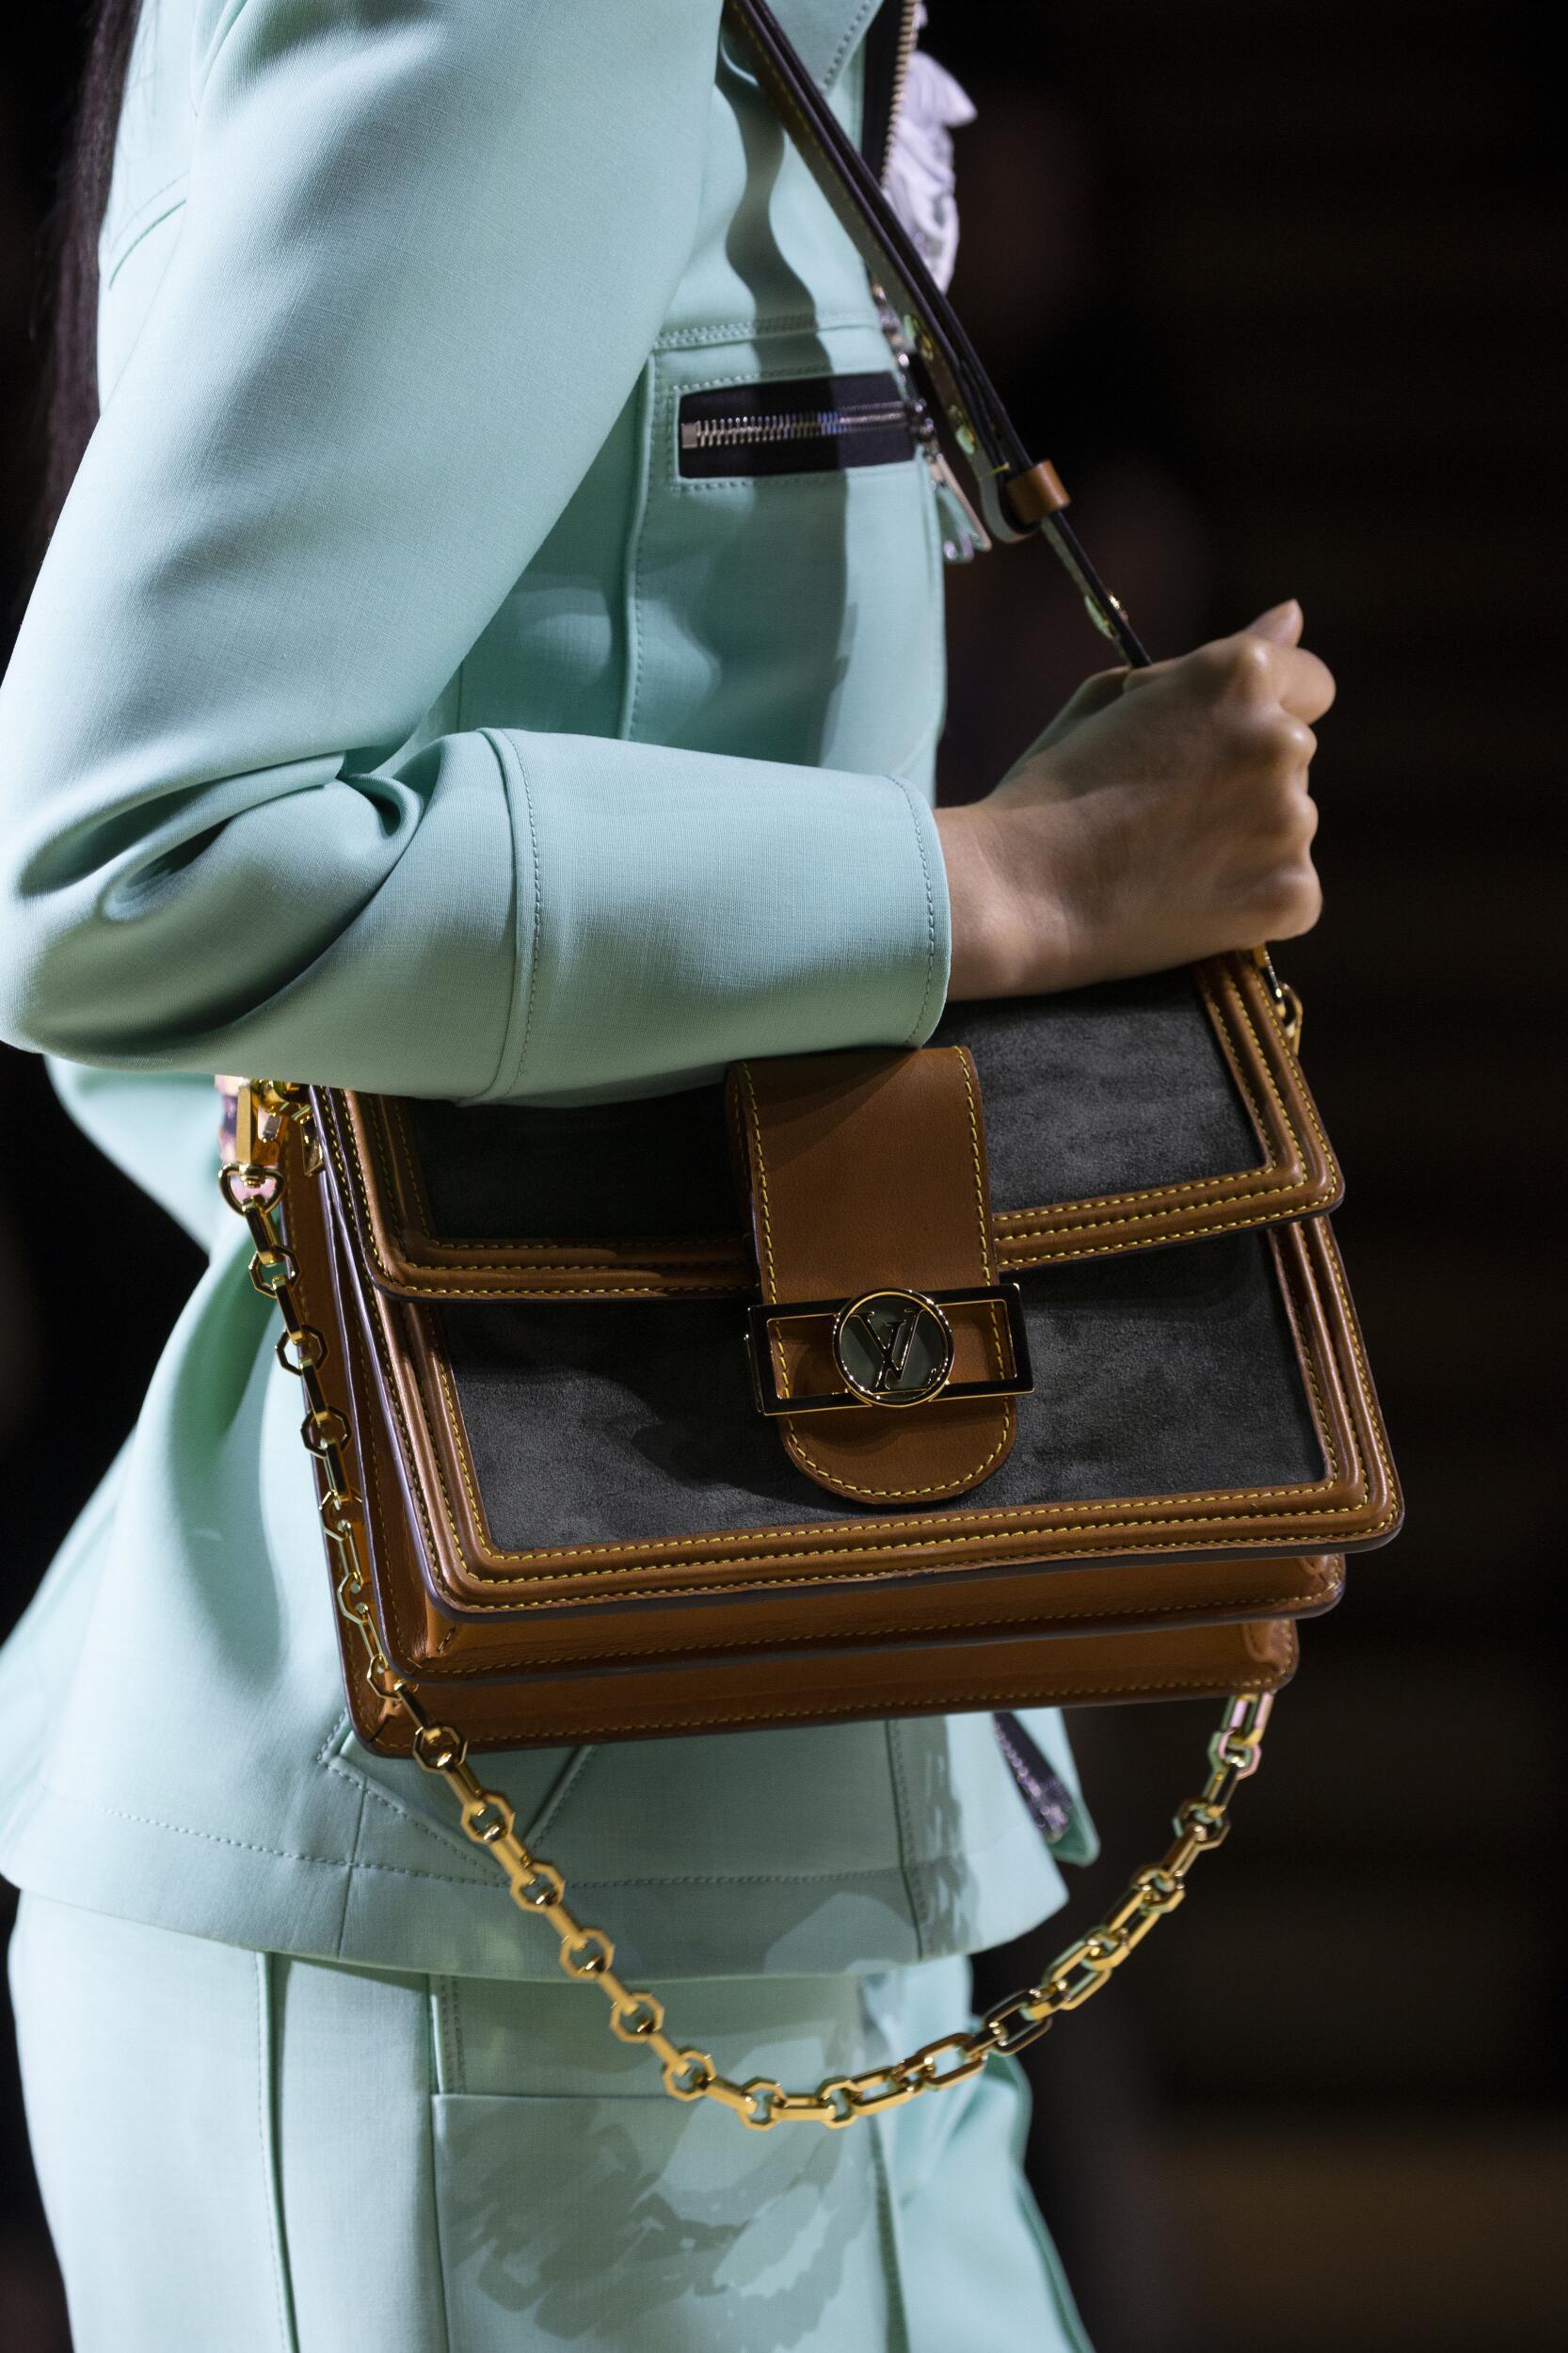 Louis Vuitton Bags Collection 2020